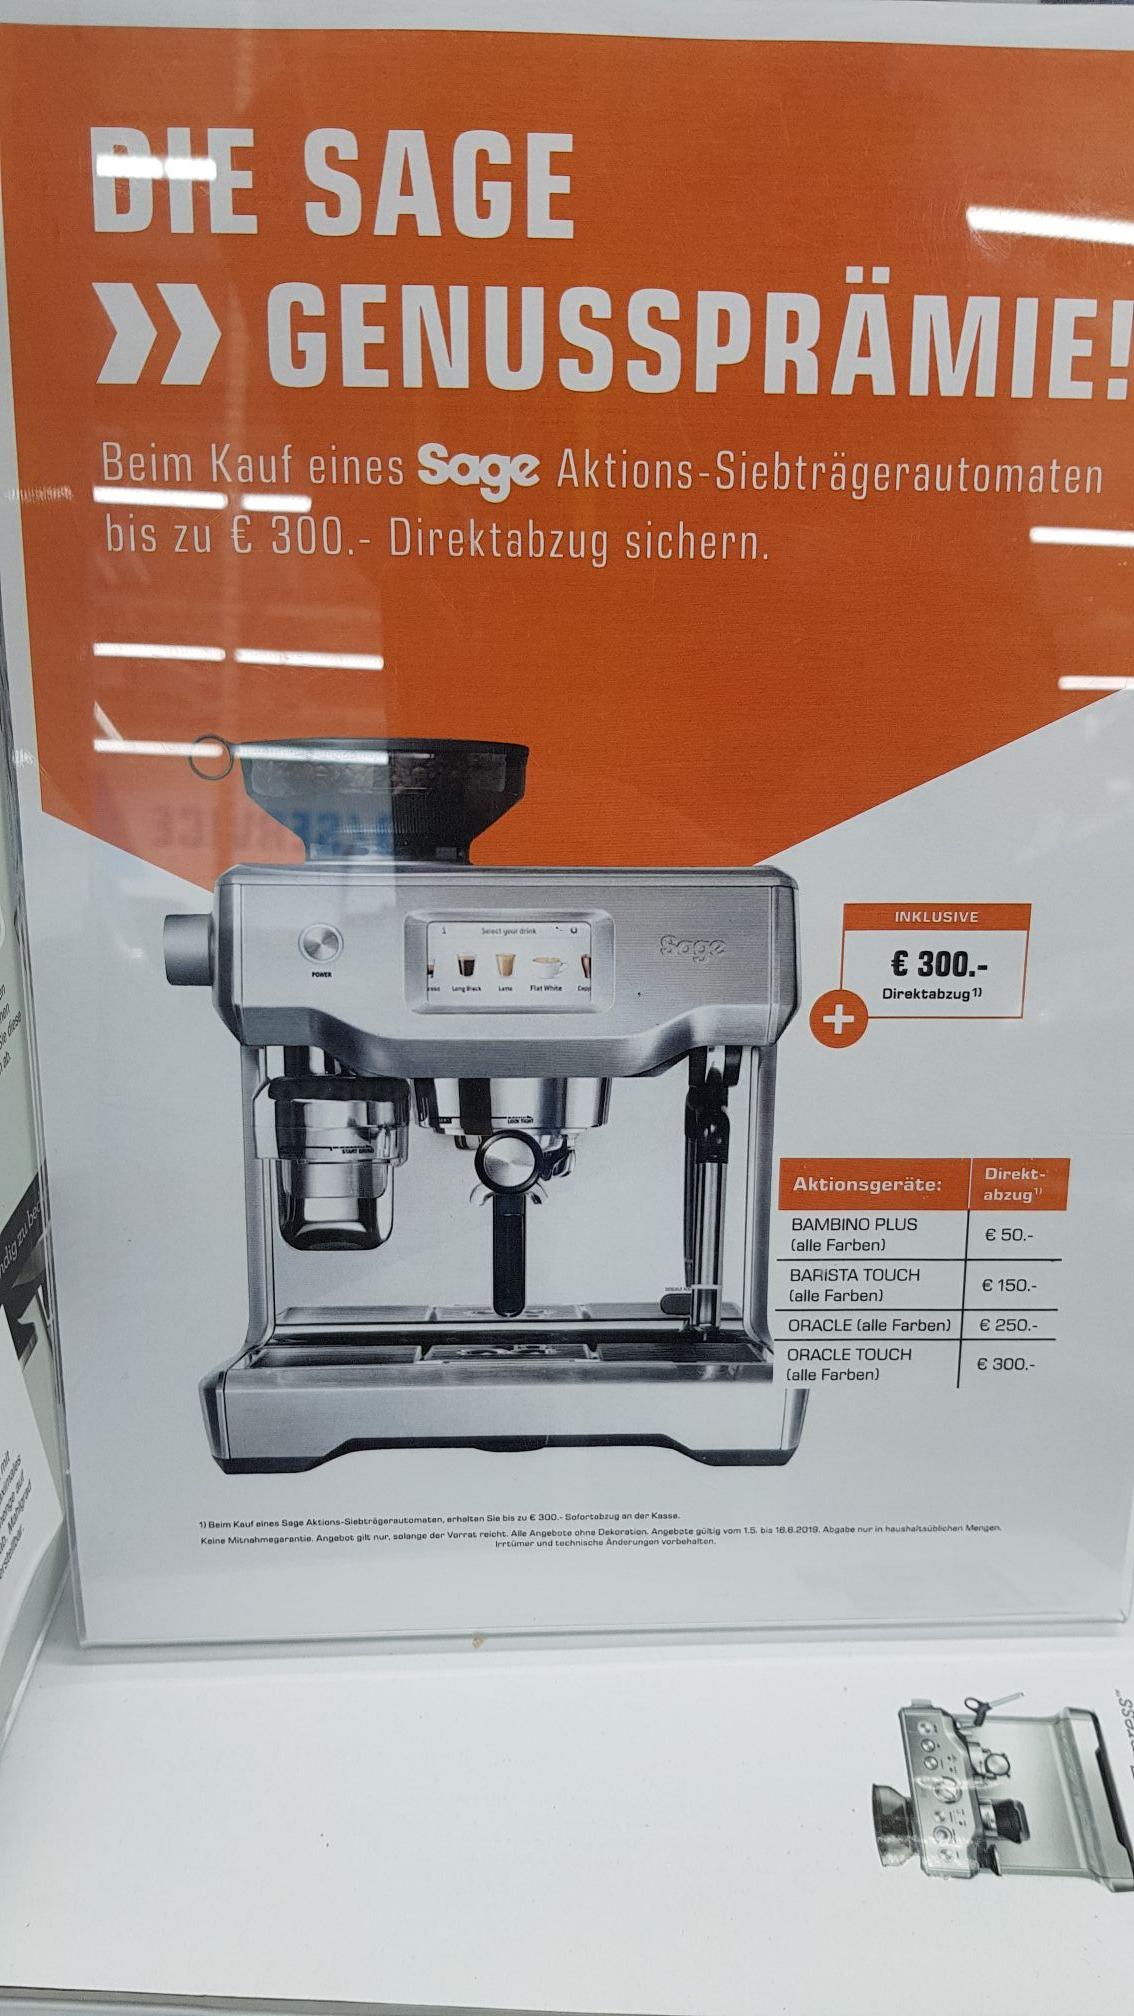 Sage The Barista Touch mit 150 € Direktabzug